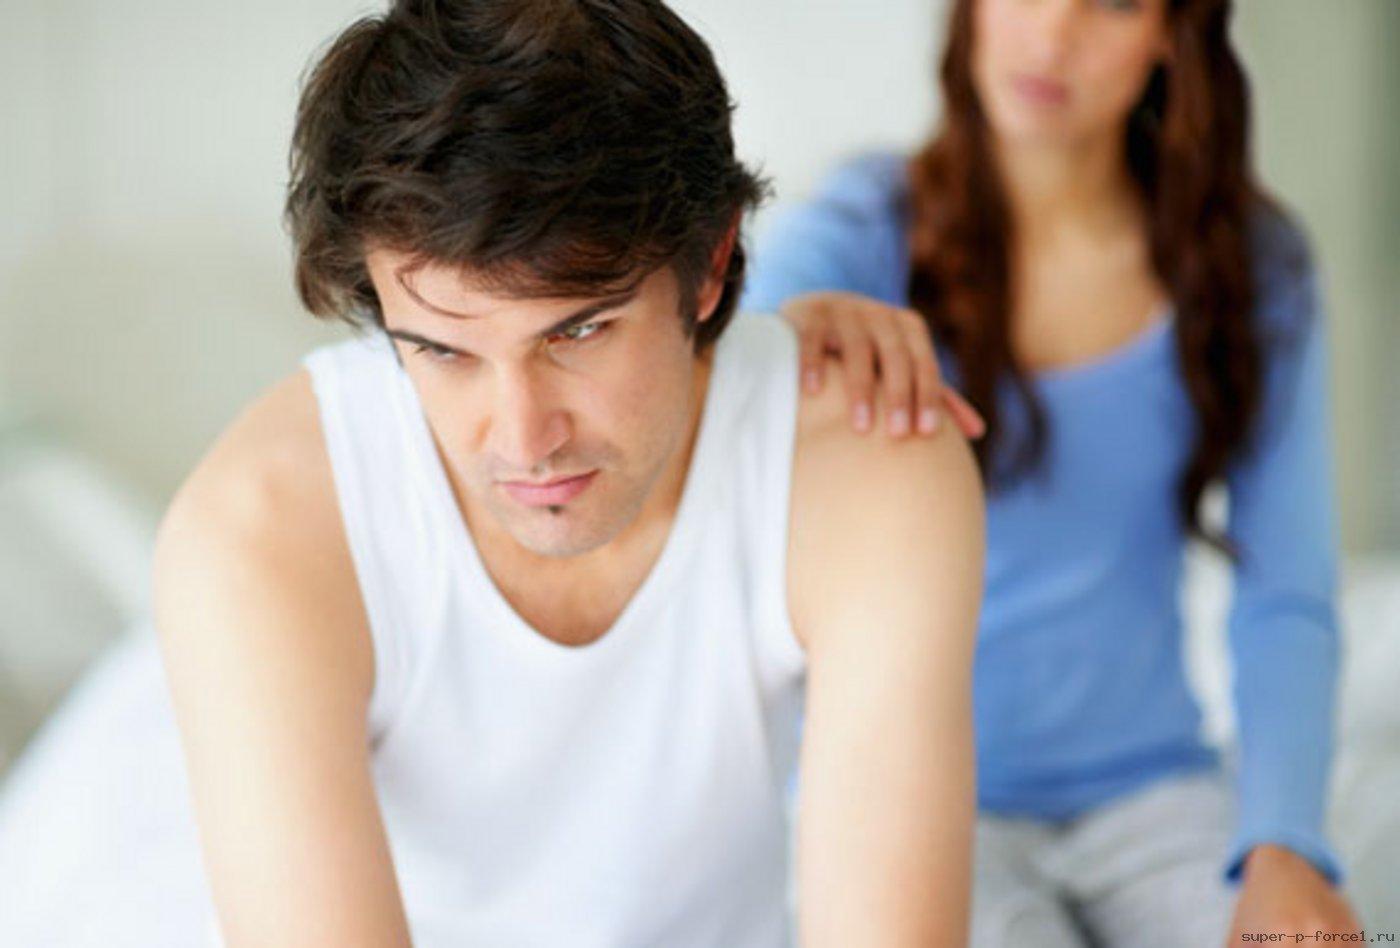 Бывает ли молочница у мужчины и какие симптомы сопровождают мужской кандидоз?